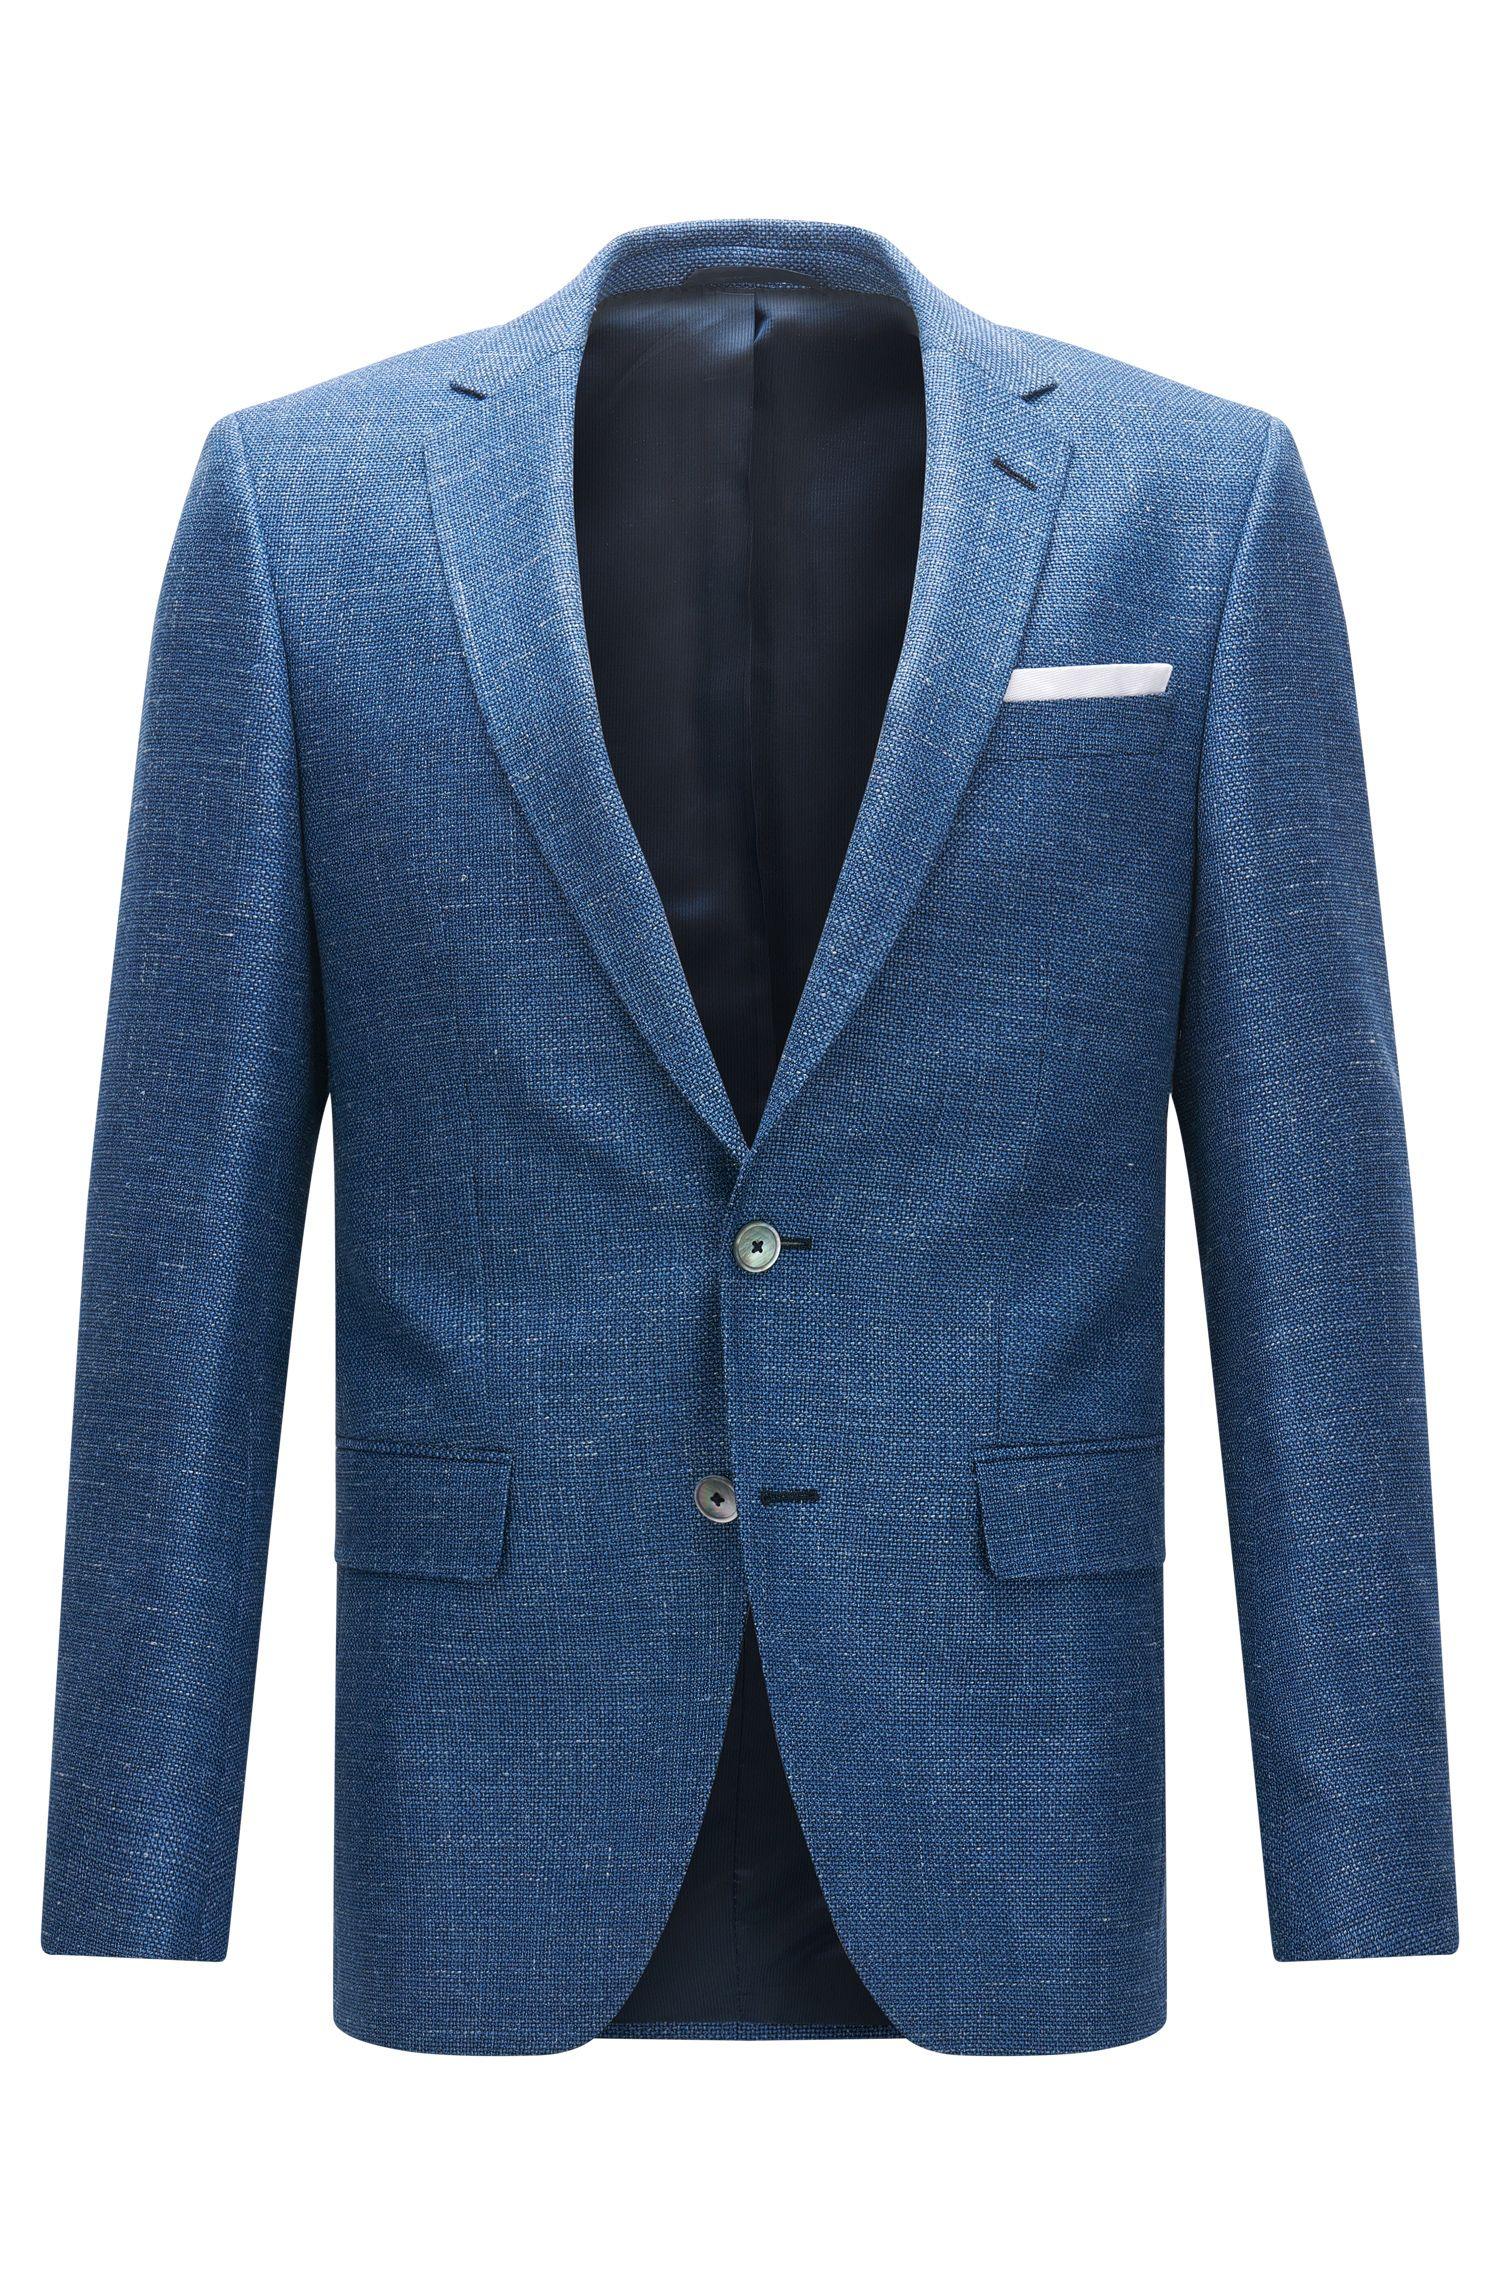 Slim-fit jacket in virgin wool, silk and linen